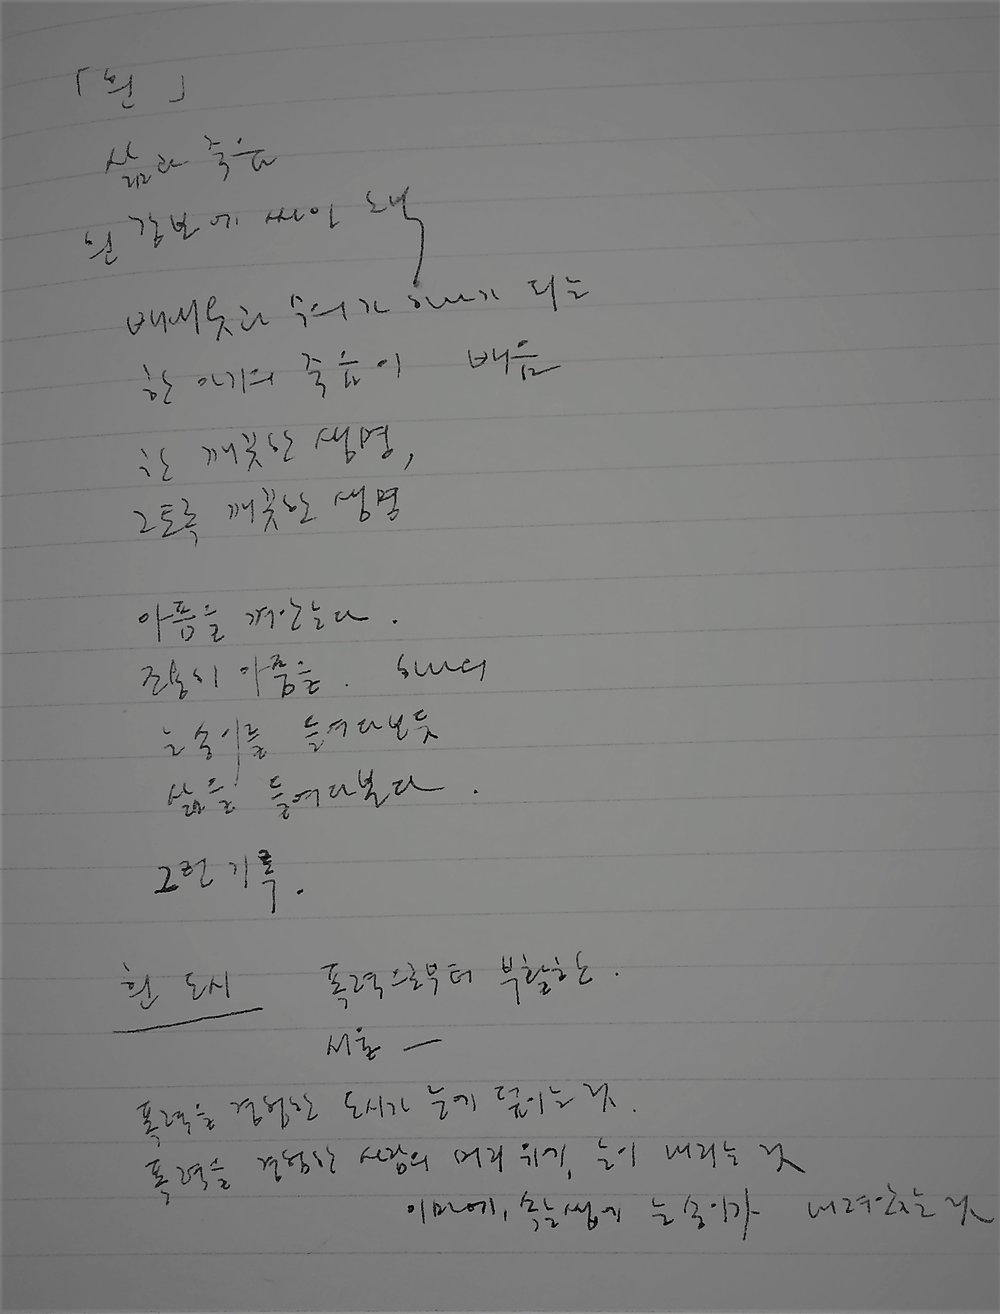 Kangnotebook.jpg